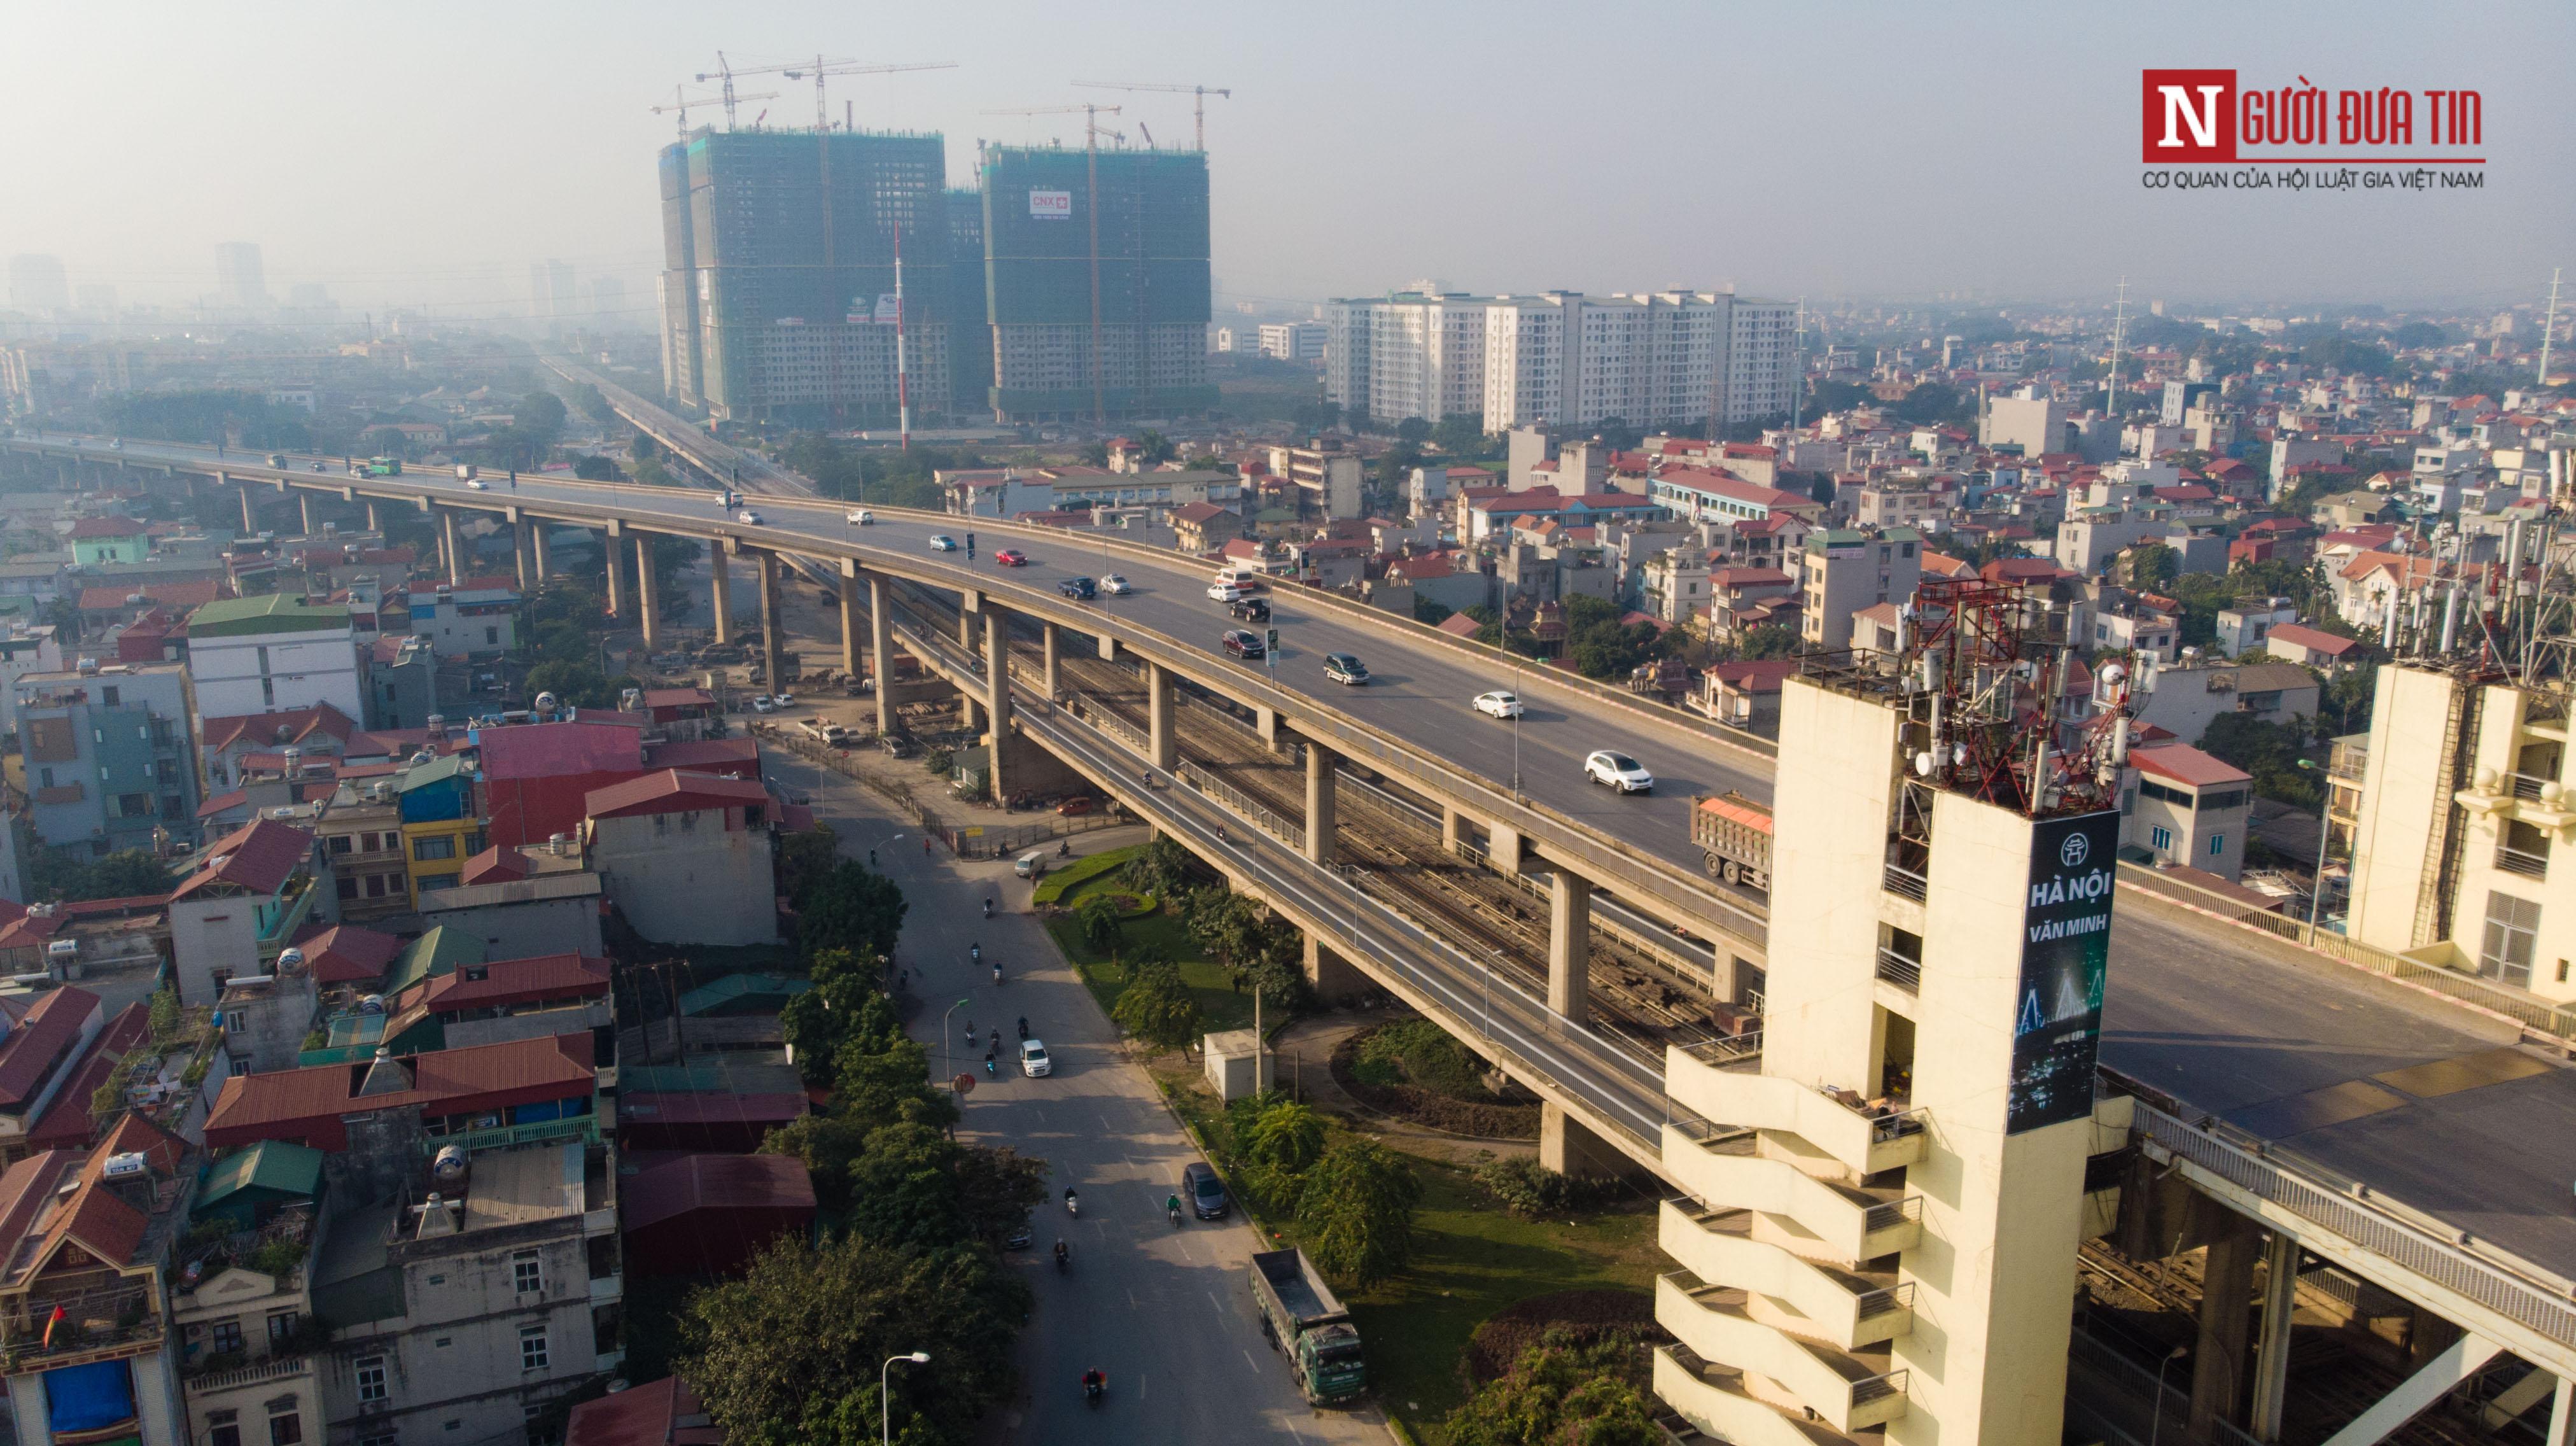 Tin nhanh - Chiêm ngưỡng 6 cây cầu bắc qua sông Hồng nối trung tâm Hà Nội (Hình 15).